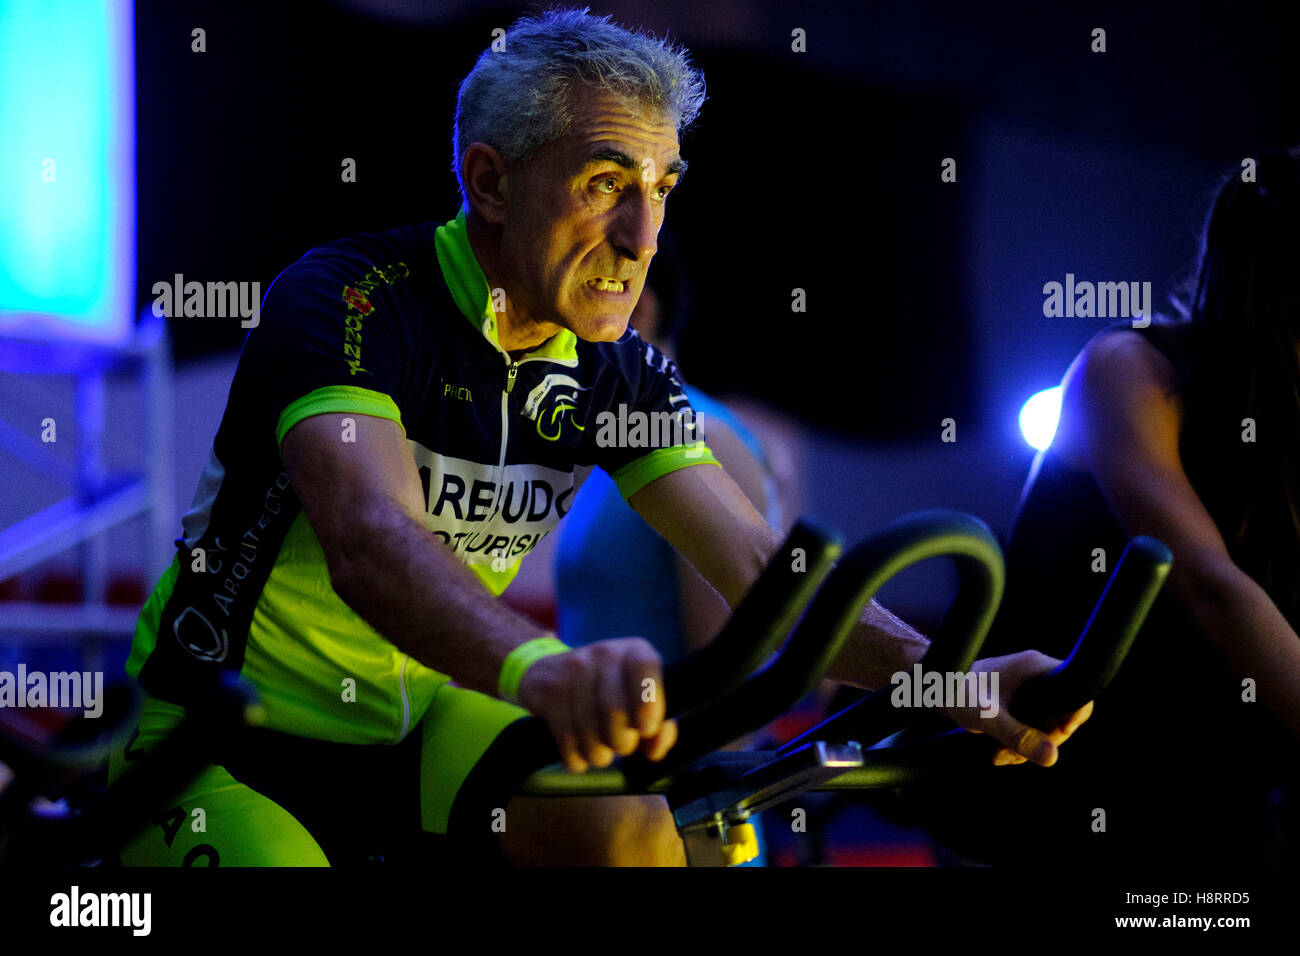 Uomo di equitazione bicicletta stazionaria durante una lezione di spinning presso la palestra Immagini Stock